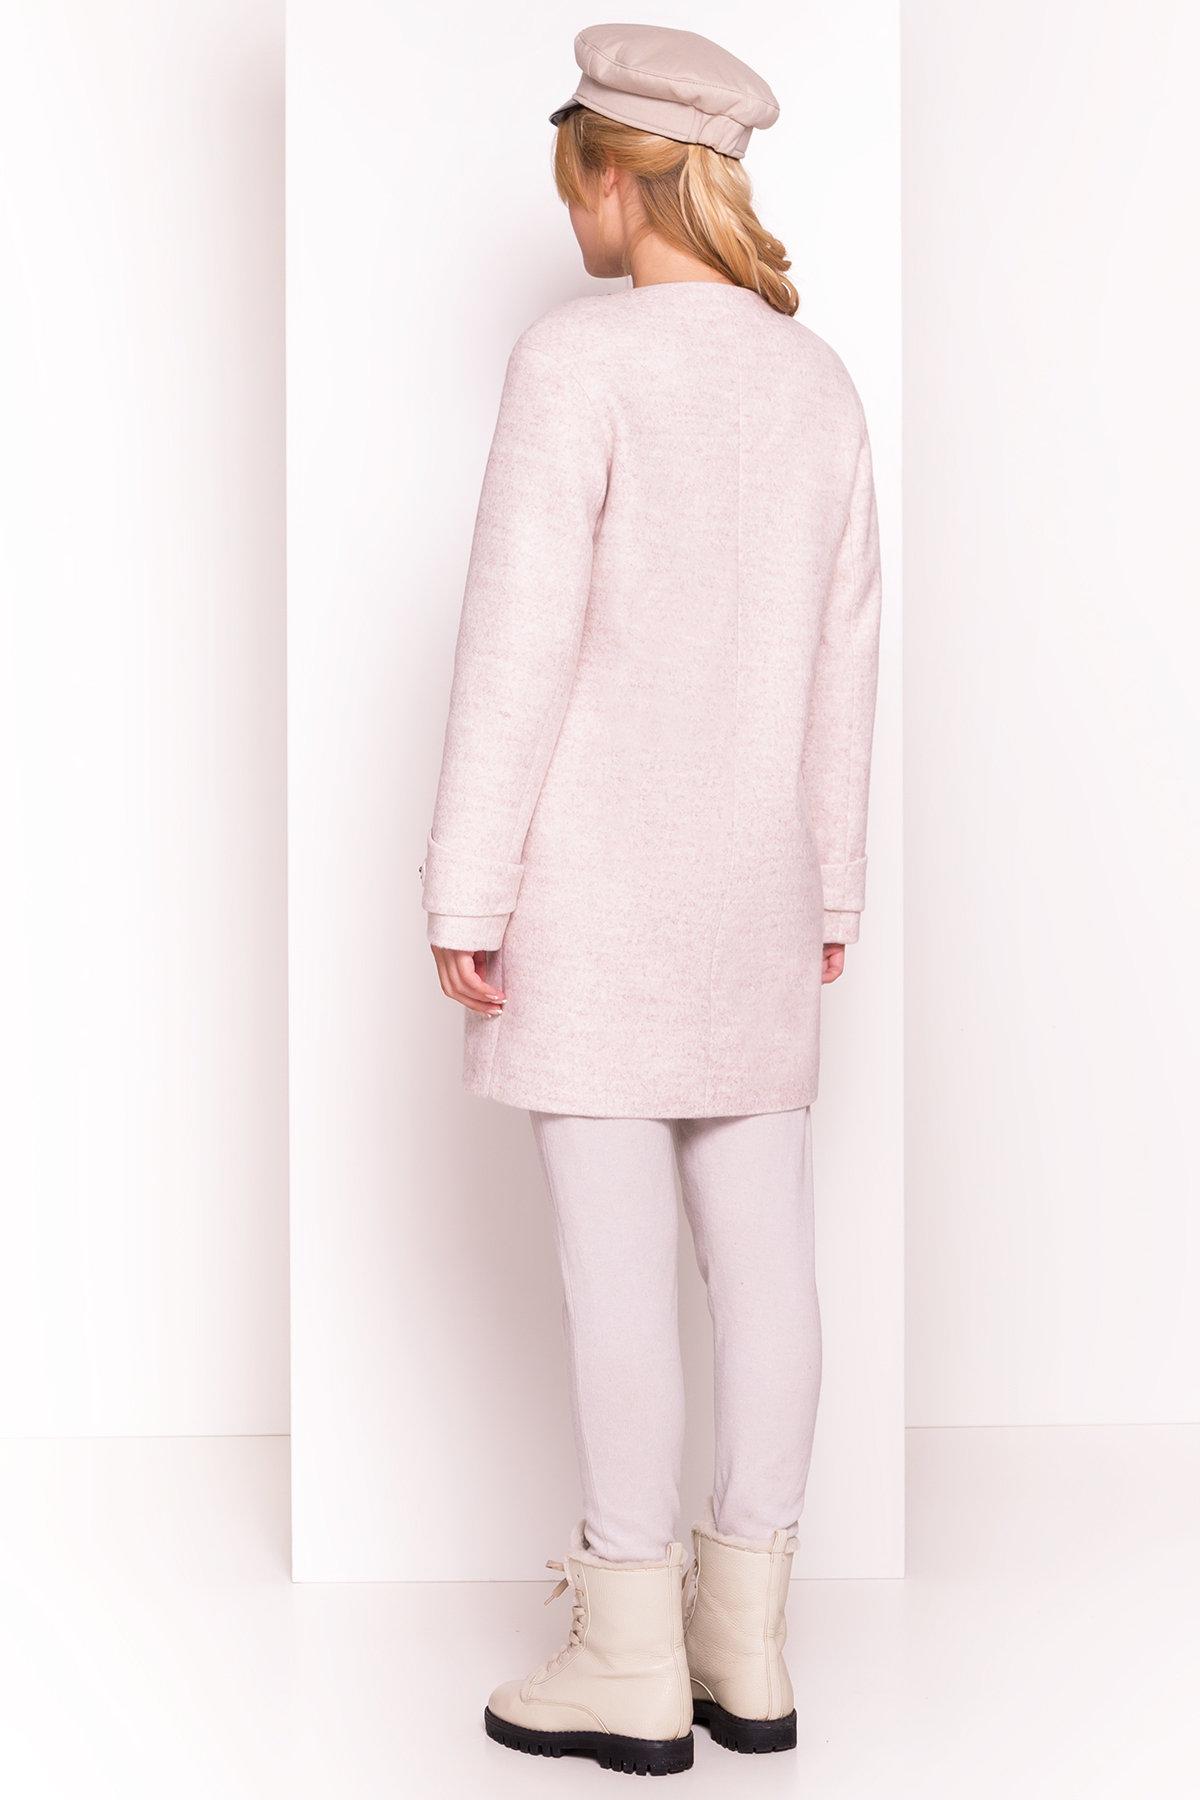 Пальто Анси 4544 Цвет: Бежевый